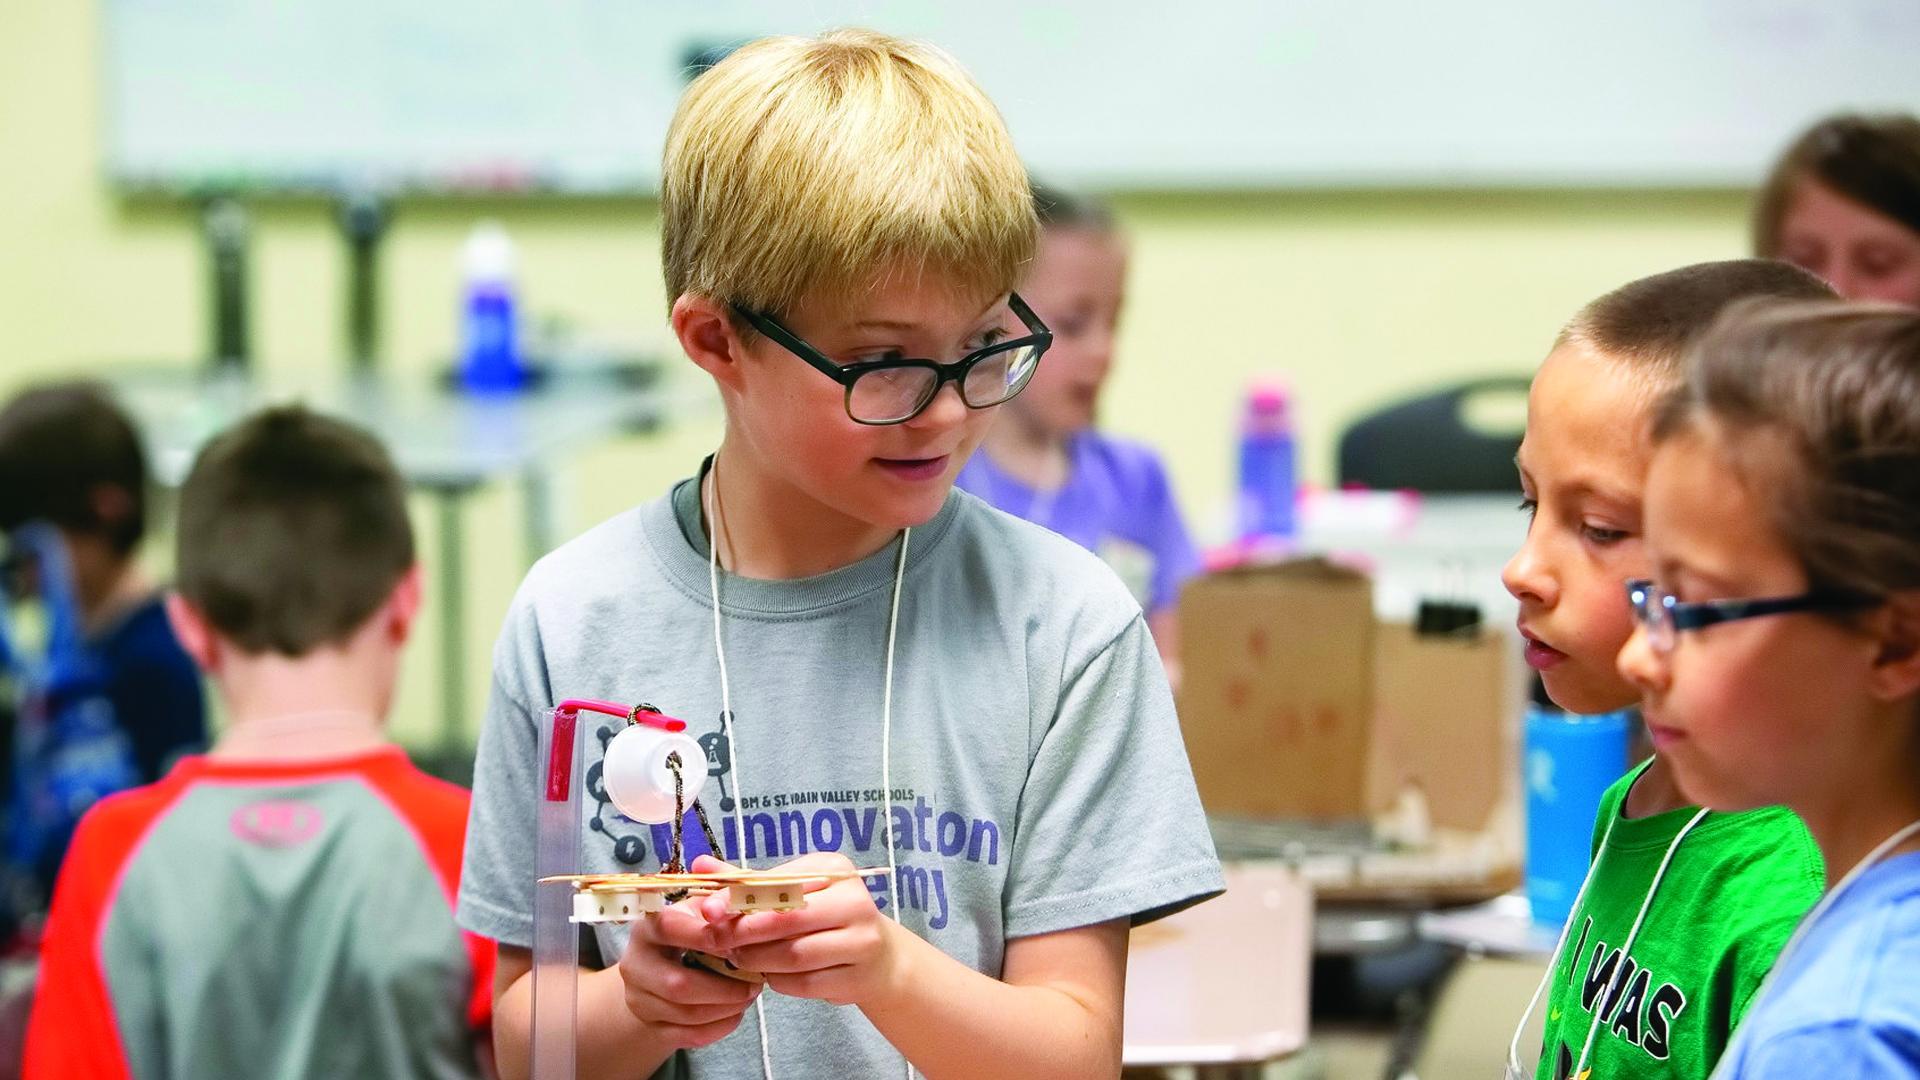 kids att Innovation academy